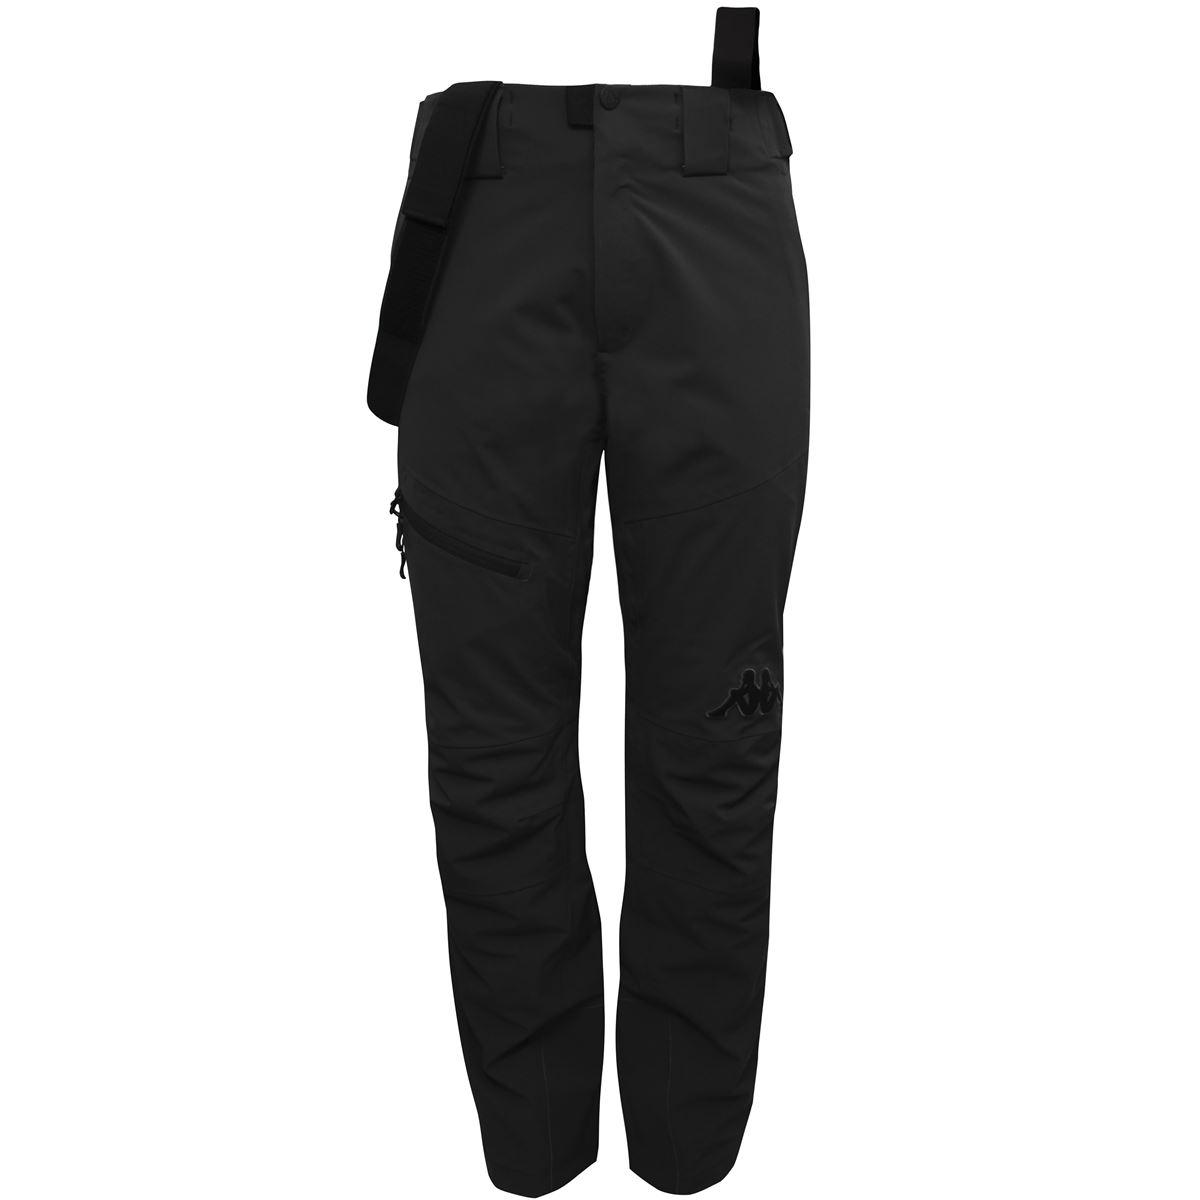 Kappa Pantaloni uomo-3031UE0